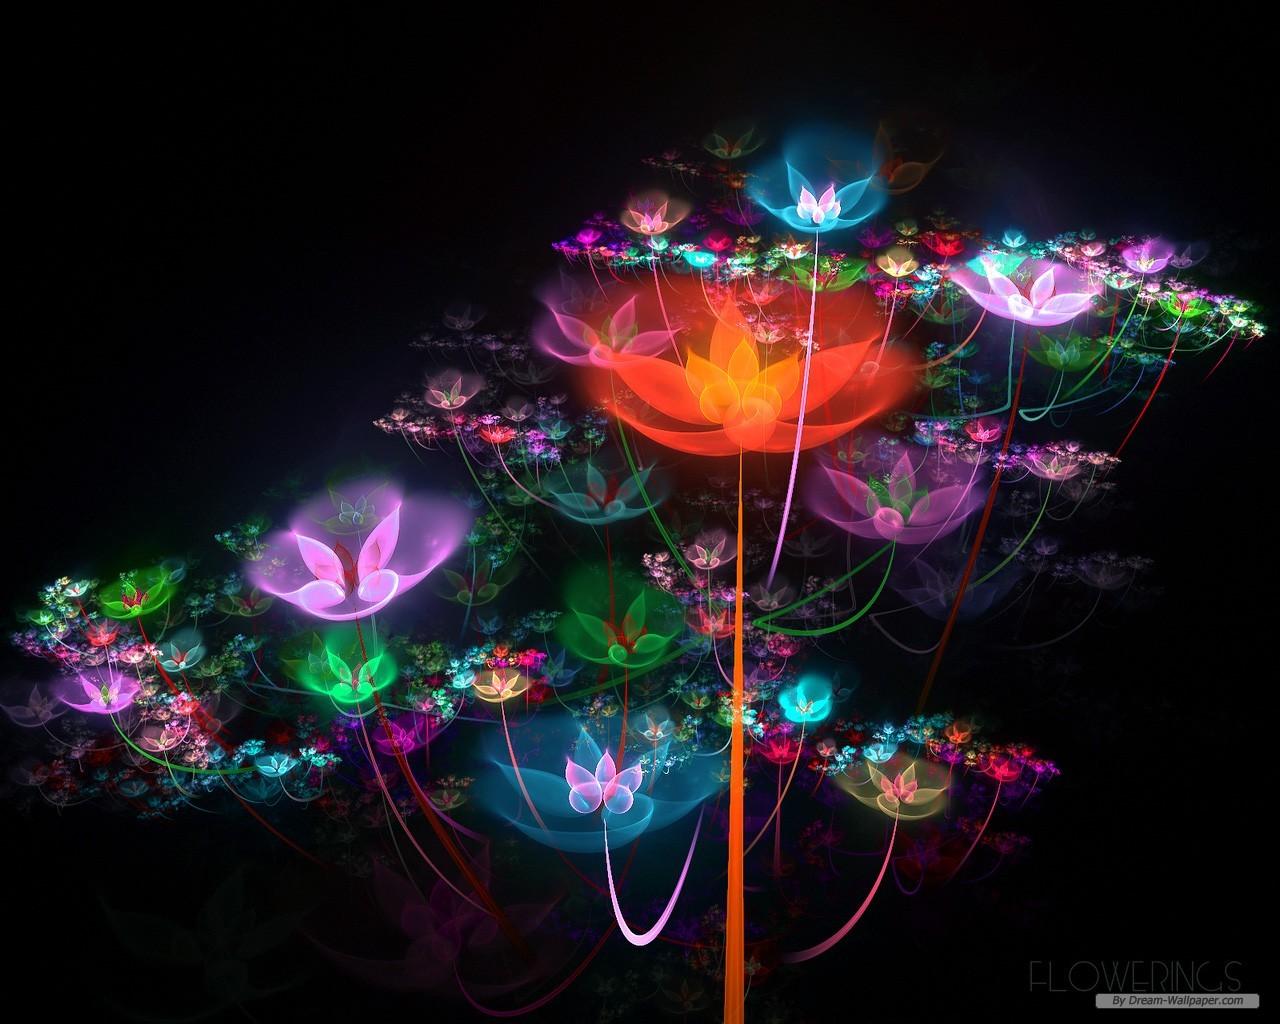 Flower wallpaper   Creative Fractal Art wallpaper   1280x1024 1280x1024